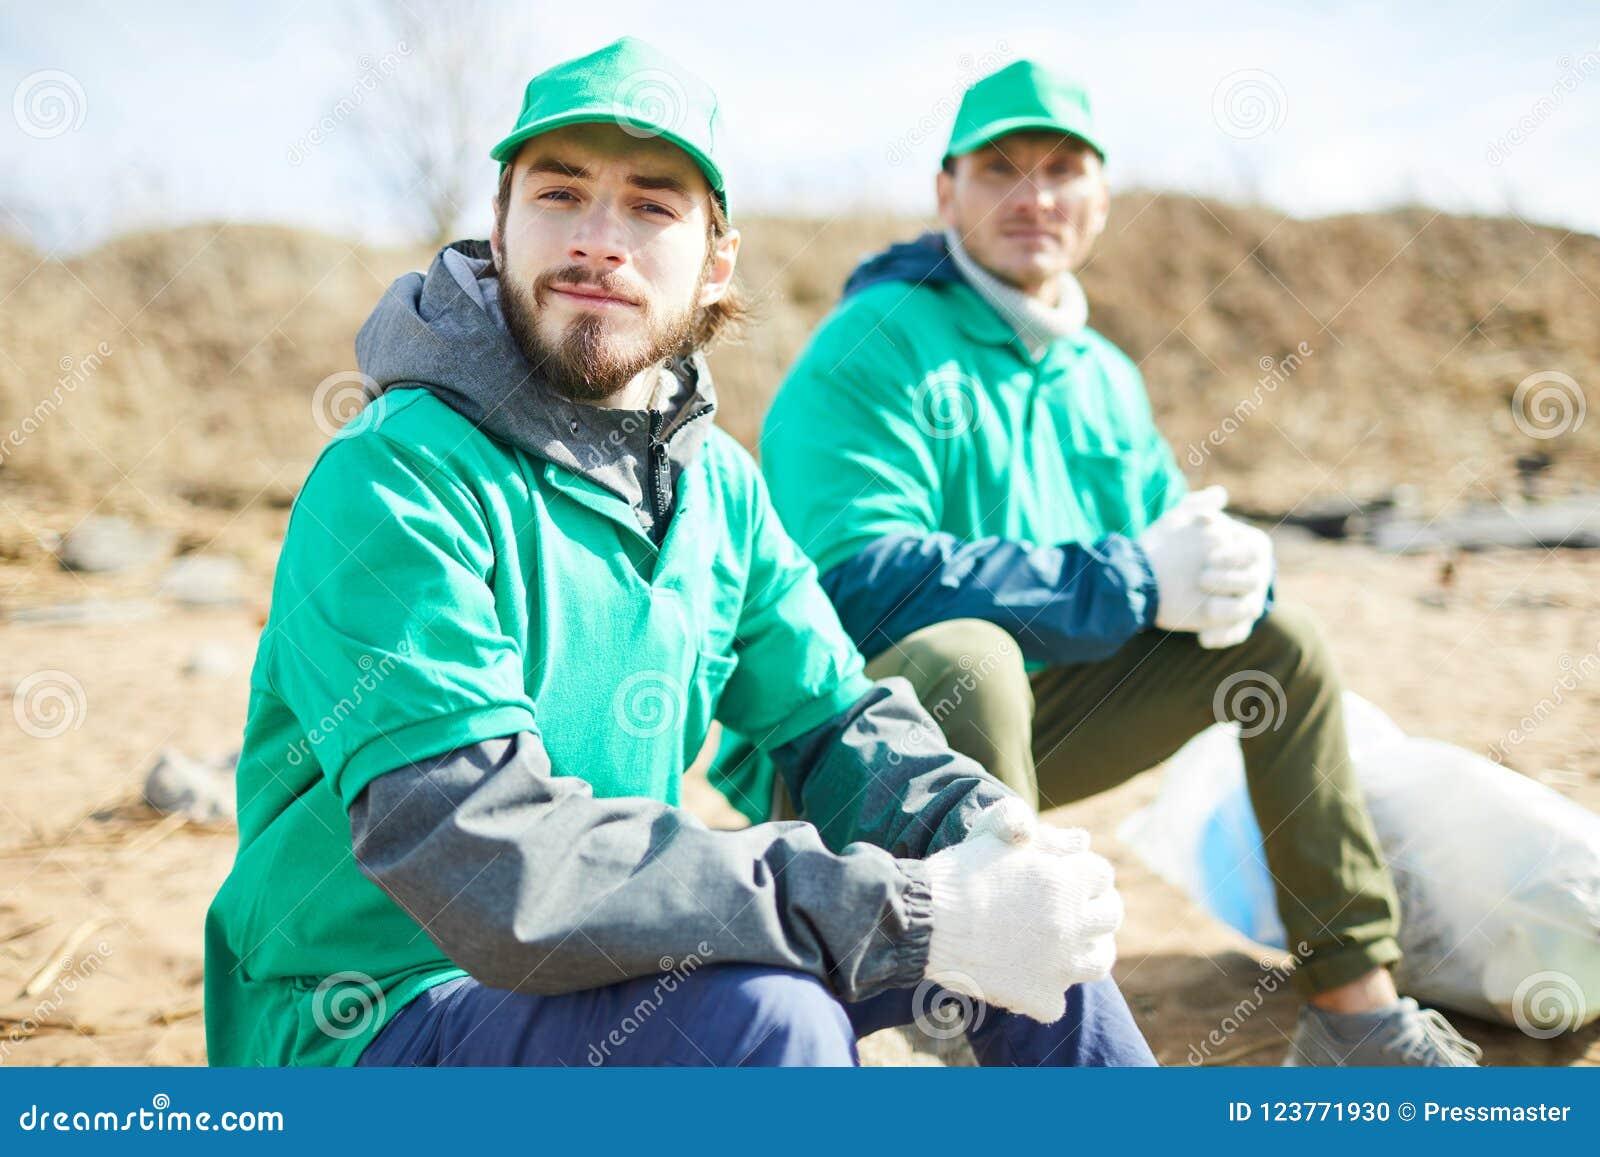 De vrijwilligers die bij vuilnis zitten doen in zakken